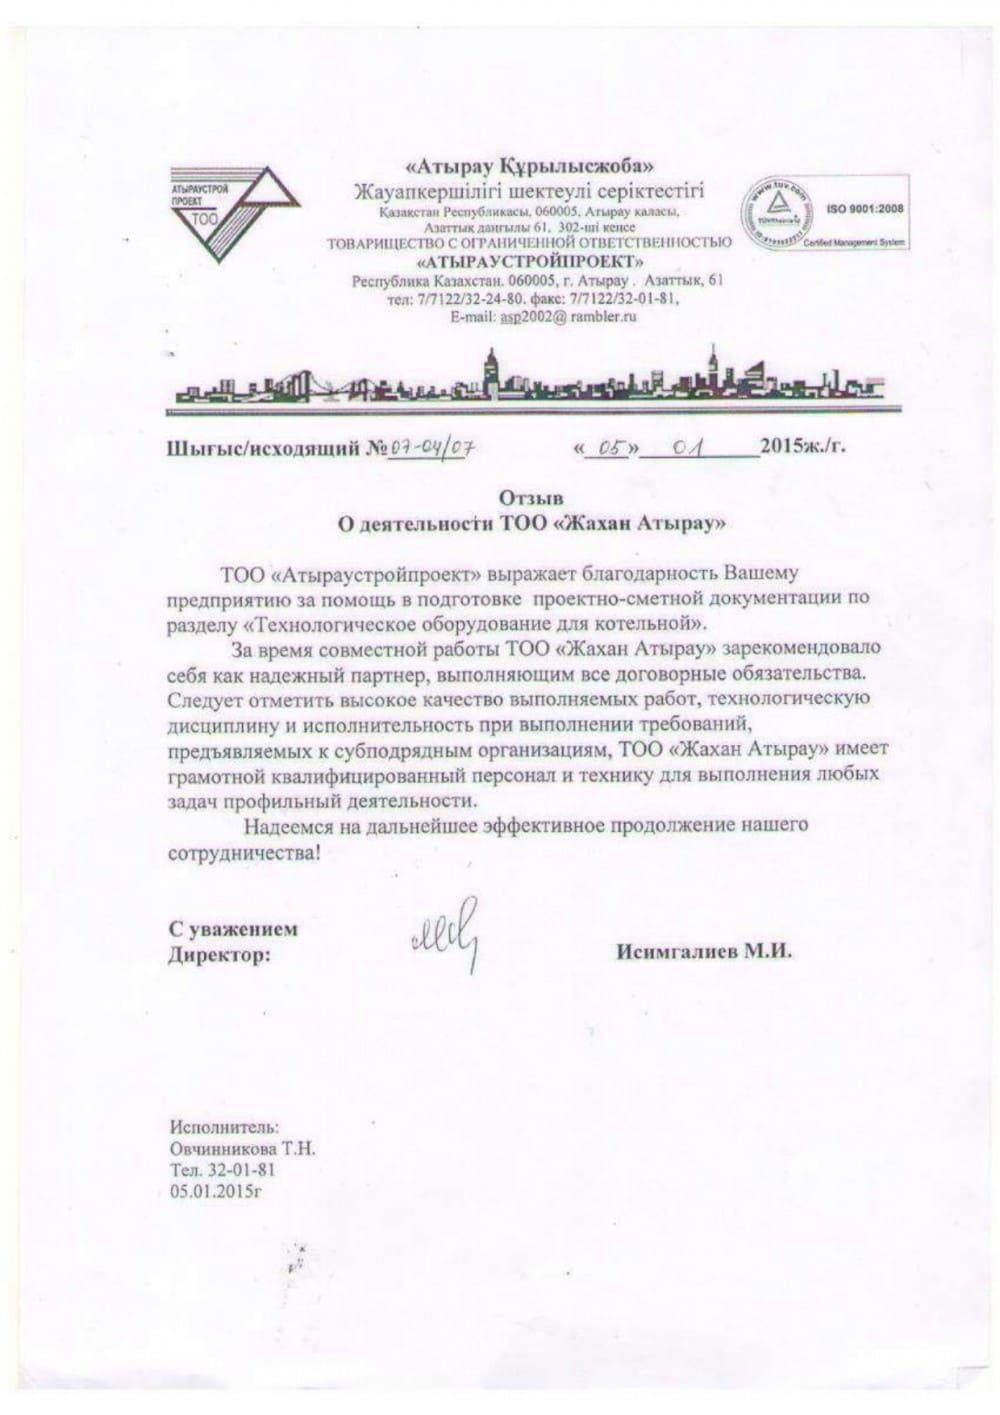 Атырау Курылысжоба